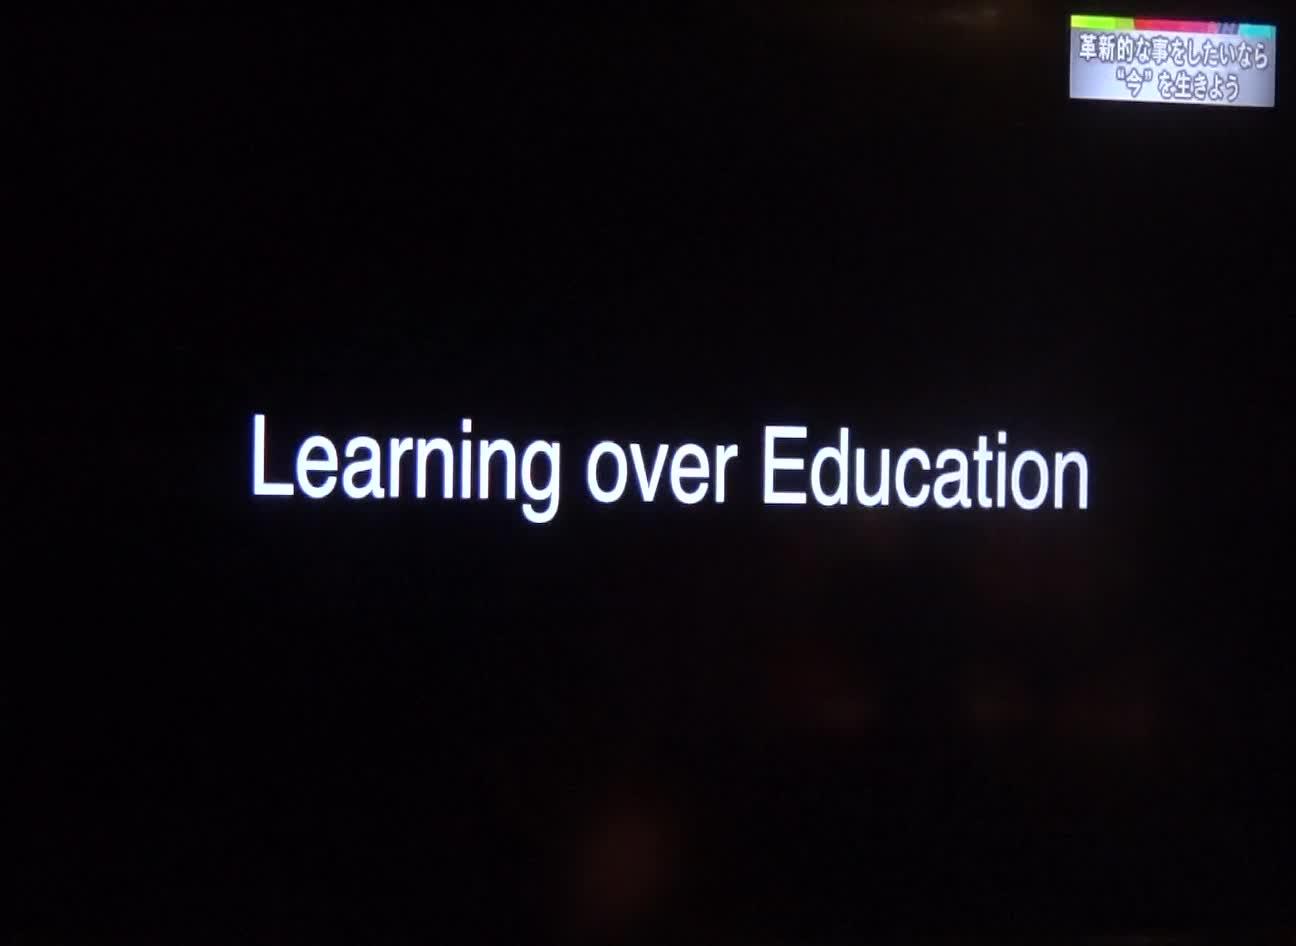 「誰かに教わるのが教育 自分から求めるのが学びです」 スーパープレゼンテーション 2015 02 25